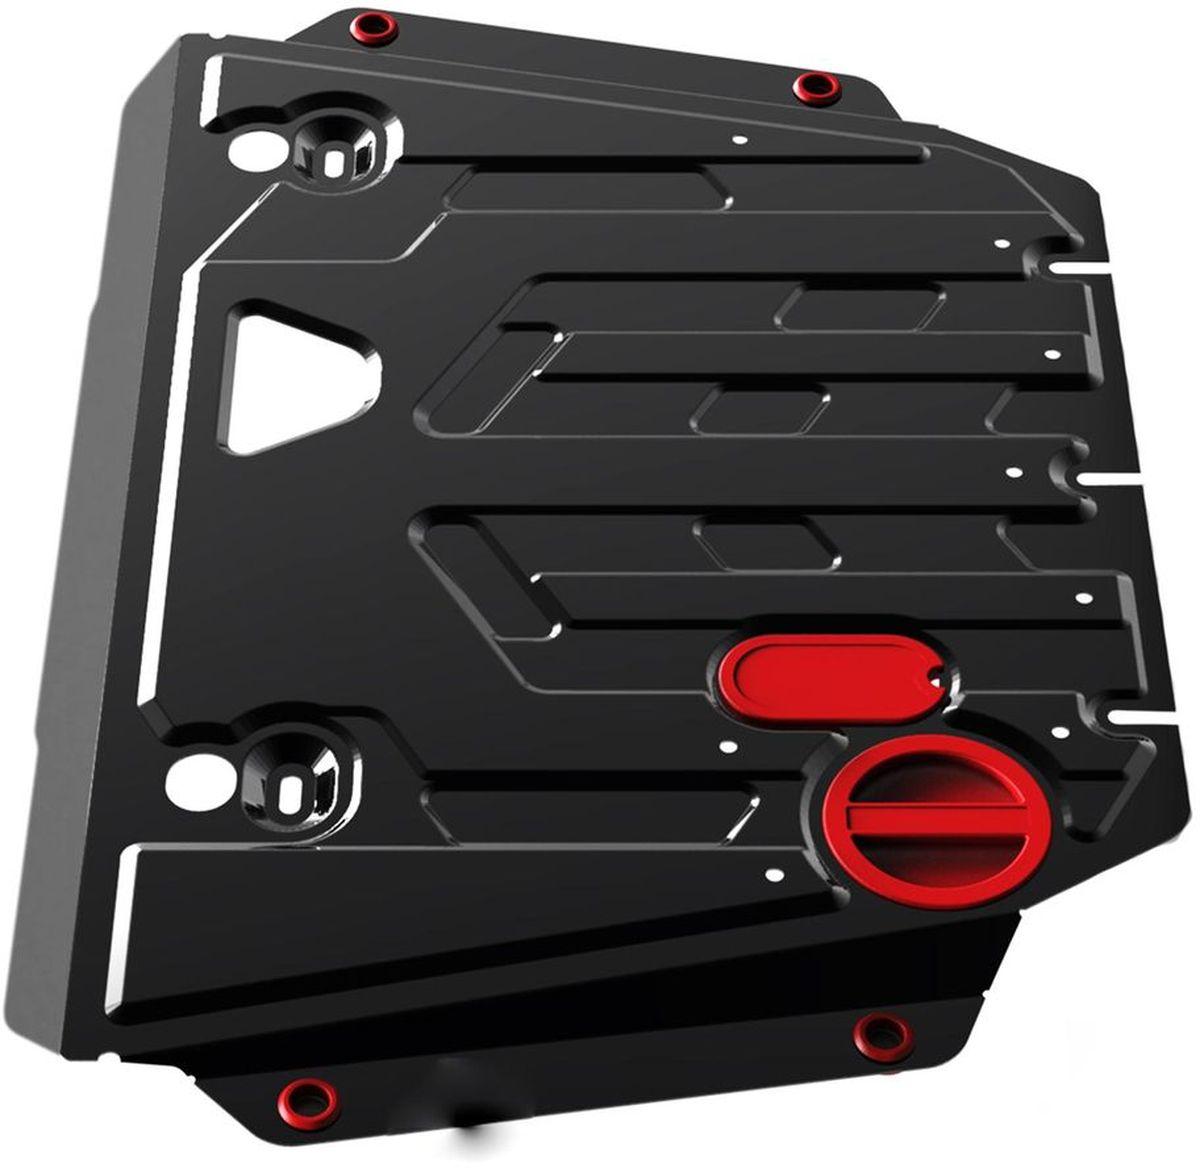 Защита картера и КПП Автоброня, для Honda Jazz V - 1,6 (2008-)111.02107.1Технологически совершенный продукт за невысокую стоимость. Защита разработана с учетом особенностей днища автомобиля, что позволяет сохранить дорожный просвет с минимальным изменением. Защита устанавливается в штатные места кузова автомобиля. Глубокий штамп обеспечивает до двух раз больше жесткости в сравнении с обычной защитой той же толщины. Проштампованные ребра жесткости препятствуют деформации защиты при ударах. Тепловой зазор и вентиляционные отверстия обеспечивают сохранение температурного режима двигателя в норме. Скрытый крепеж предотвращает срыв крепежных элементов при наезде на препятствие. Шумопоглощающие резиновые элементы обеспечивают комфортную езду без вибраций и скрежета металла, а съемные лючки для слива масла и замены фильтра - экономию средств и время. Конструкция изделия не влияет на пассивную безопасность автомобиля (при ударе защита не воздействует на деформационные зоны кузова). Со штатным крепежом. В комплекте инструкция по установке....